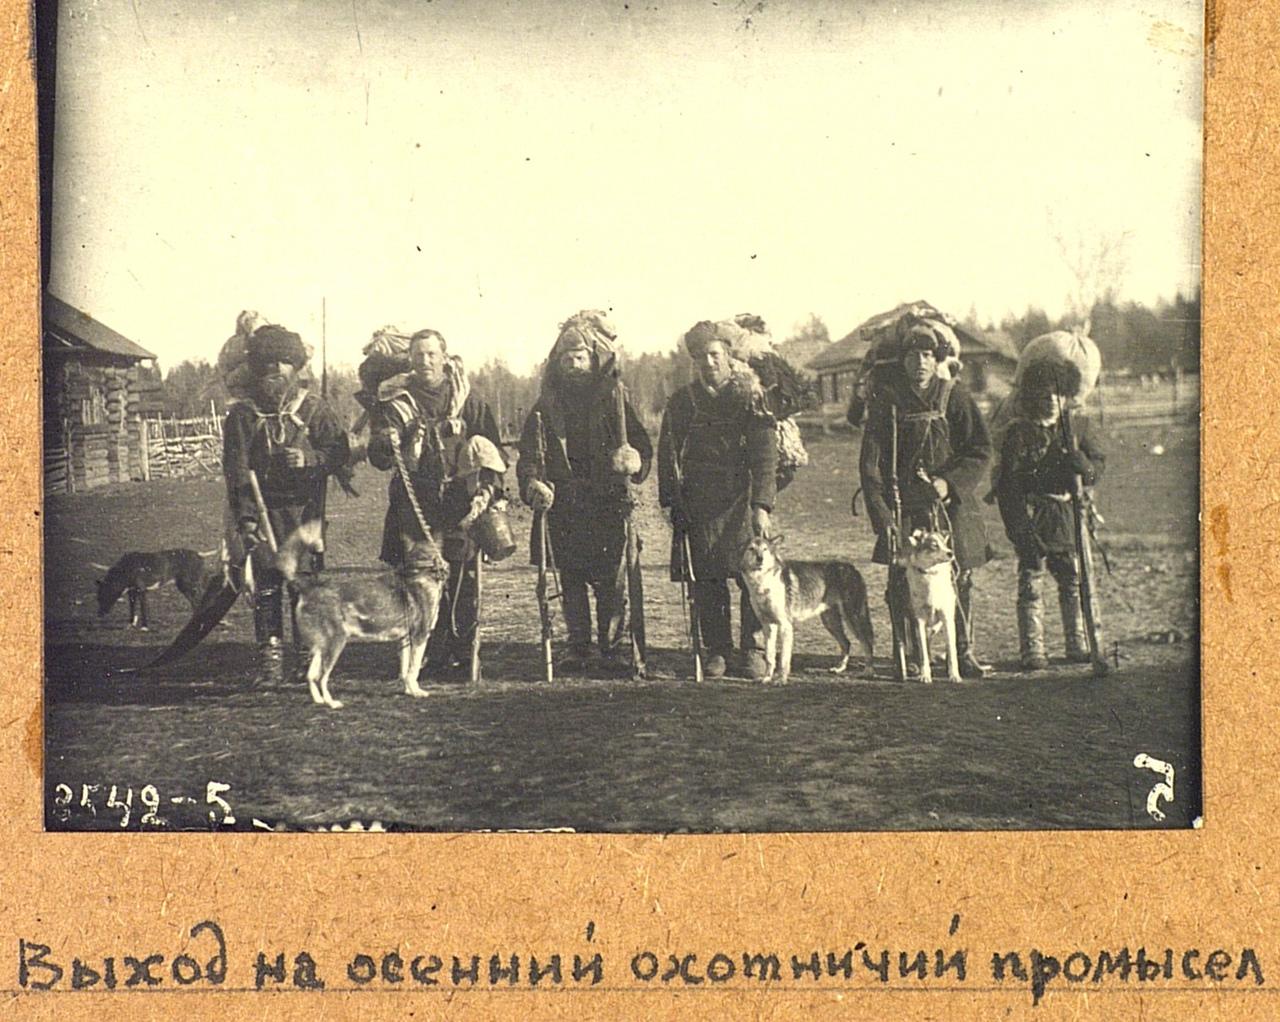 Выход на осенний охотничий промысел. Эвенки (тунгусы). Омская область, Тарский район. 1926. № 3542-5.